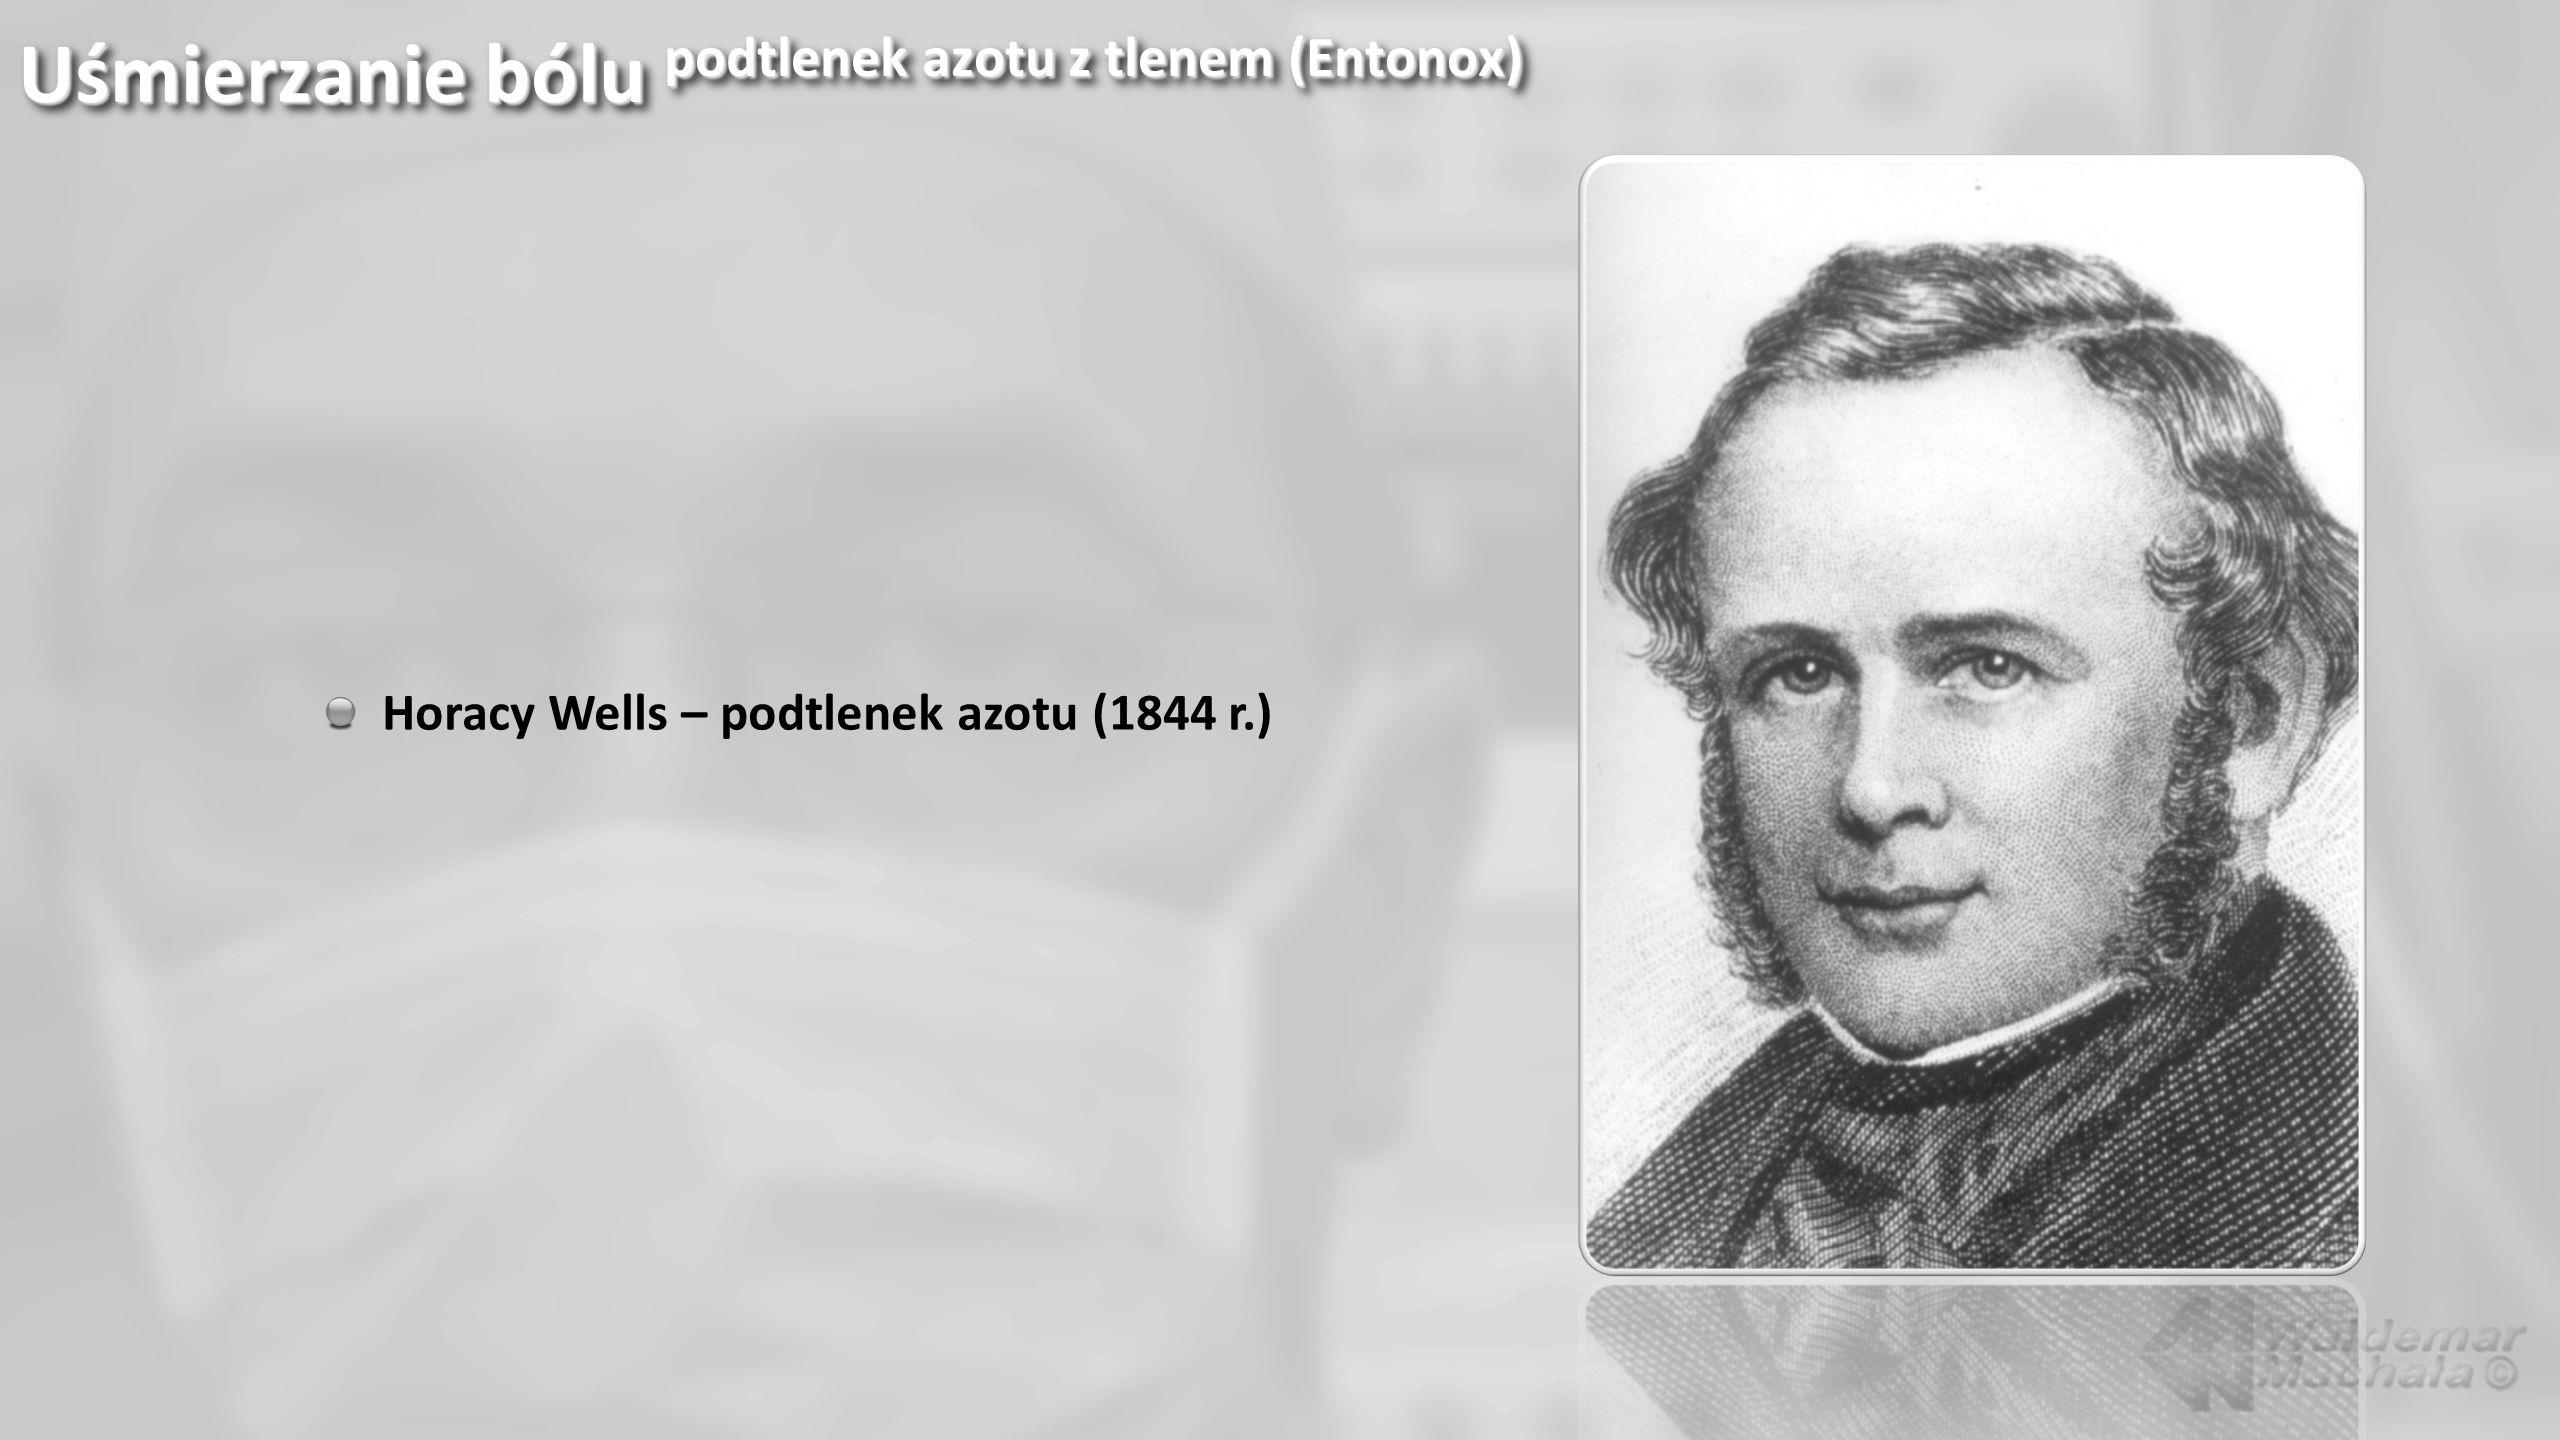 Uśmierzanie bólu podtlenek azotu z tlenem (Entonox) Horacy Wells – podtlenek azotu (1844 r.)